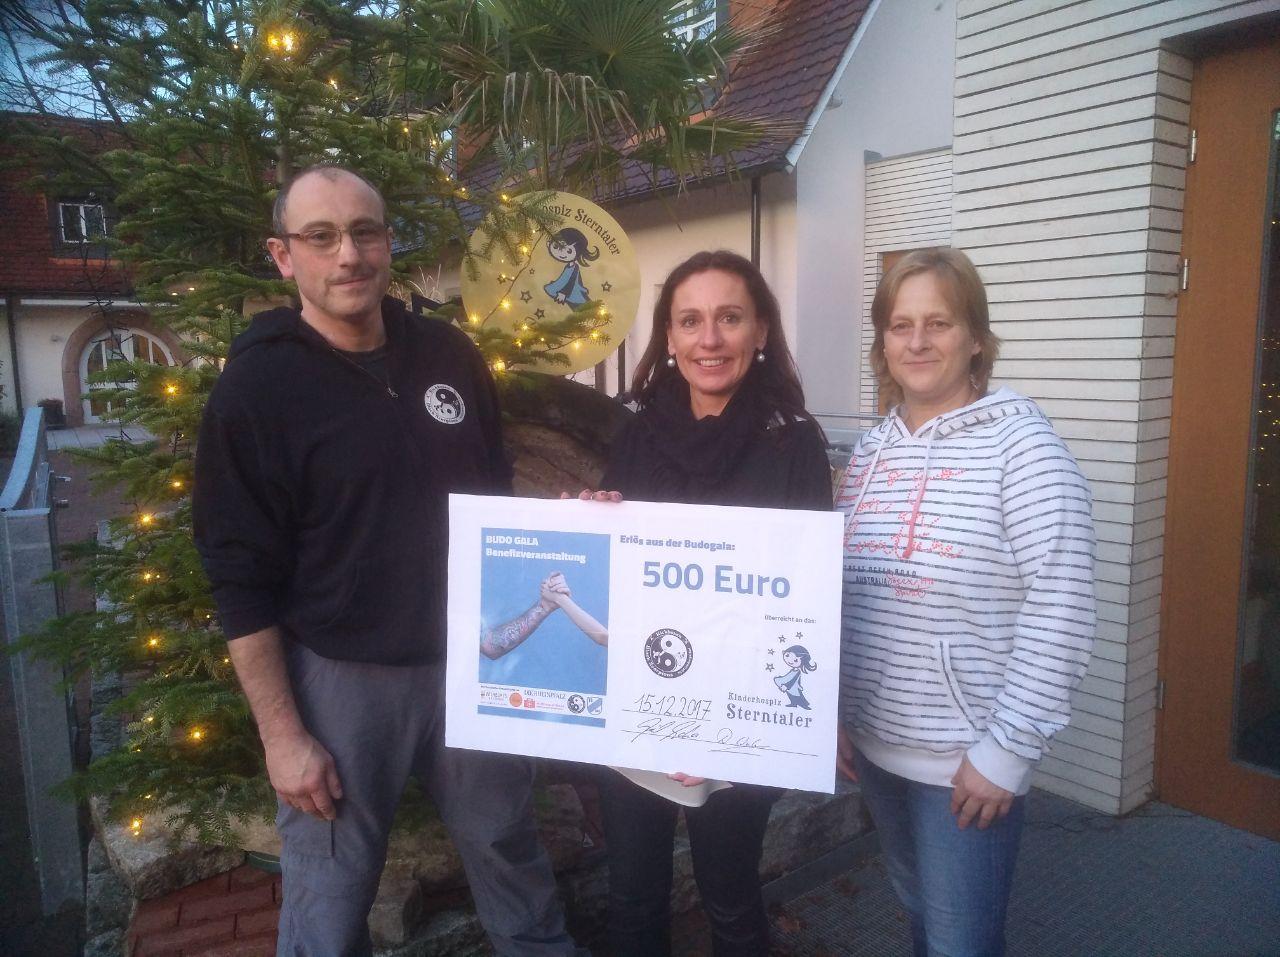 Übergabe Spenden von Budogala